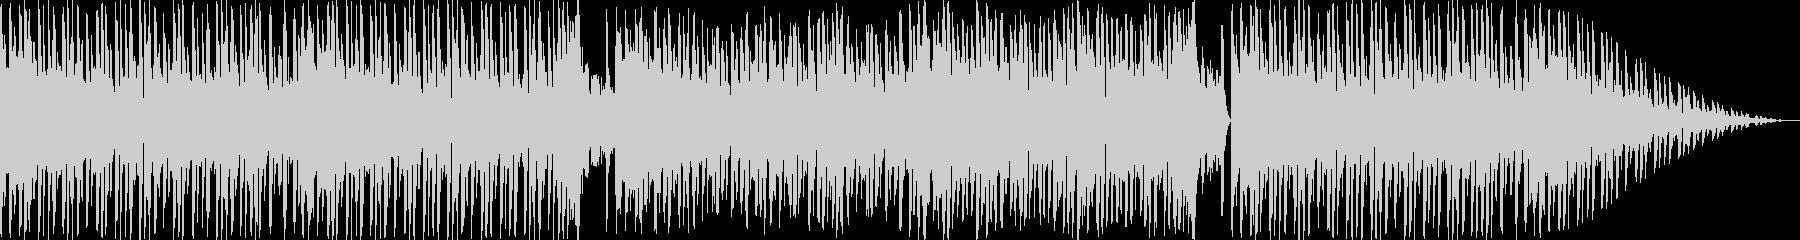 和のテイストを用いたエレクトロBGMの未再生の波形